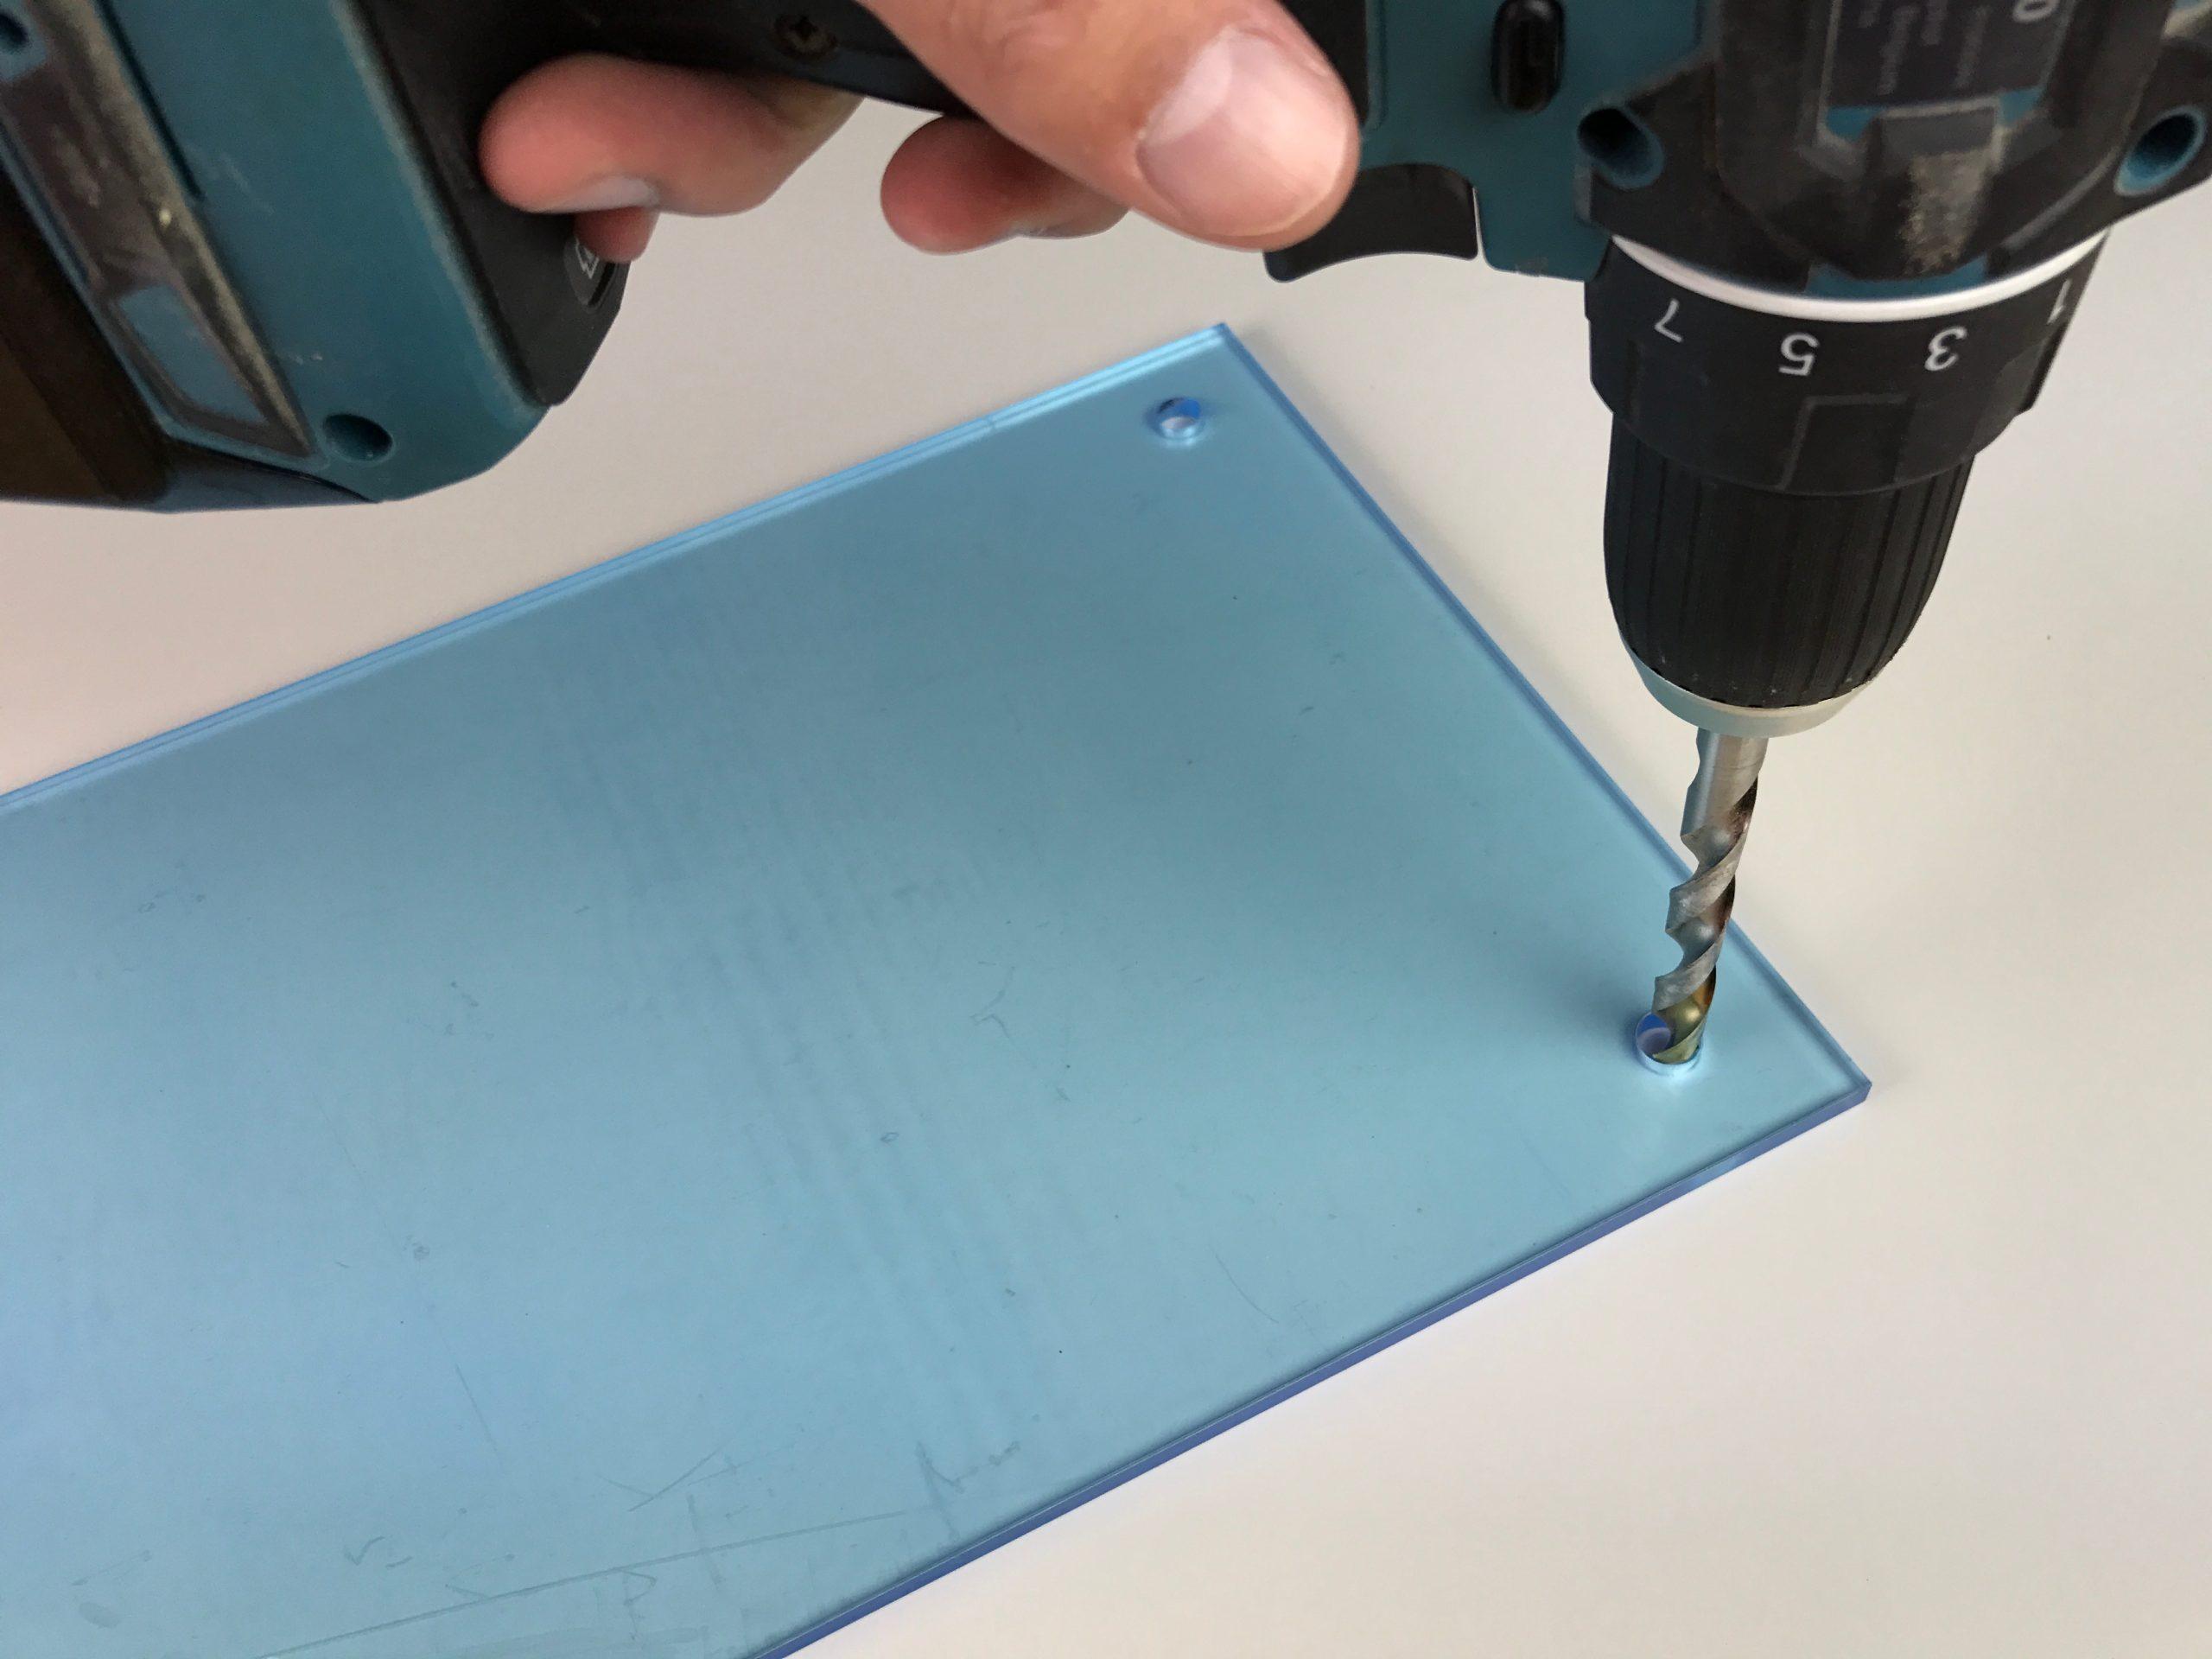 Percez les trous dans la plaque plexiglass